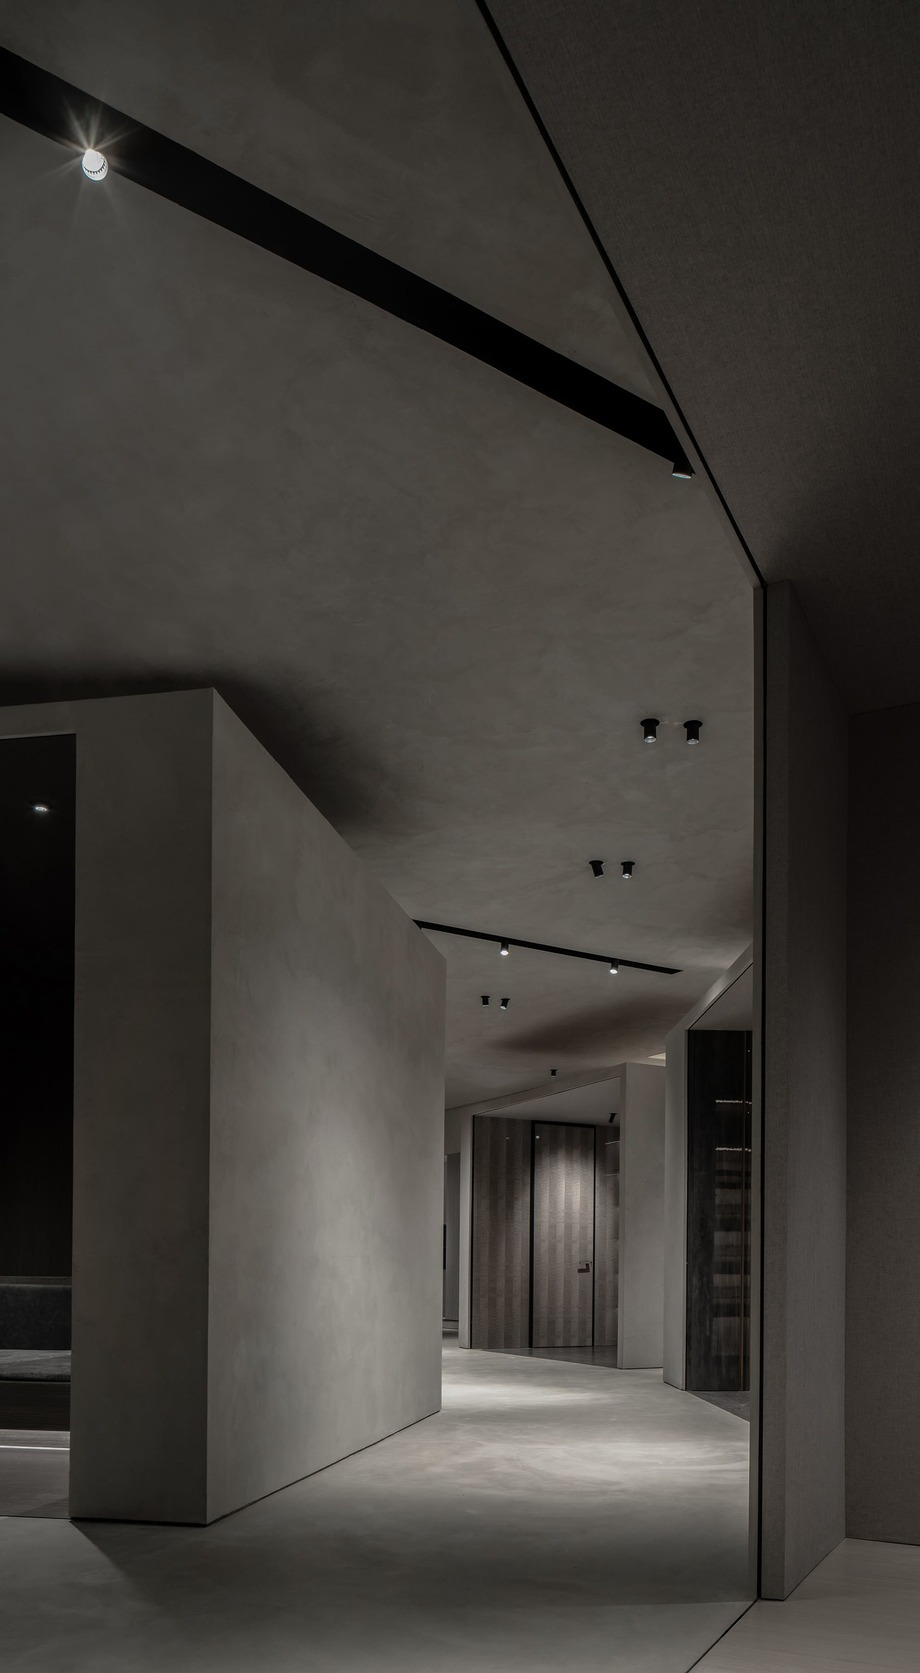 showroom de jst architecture (19) - foto he chuan